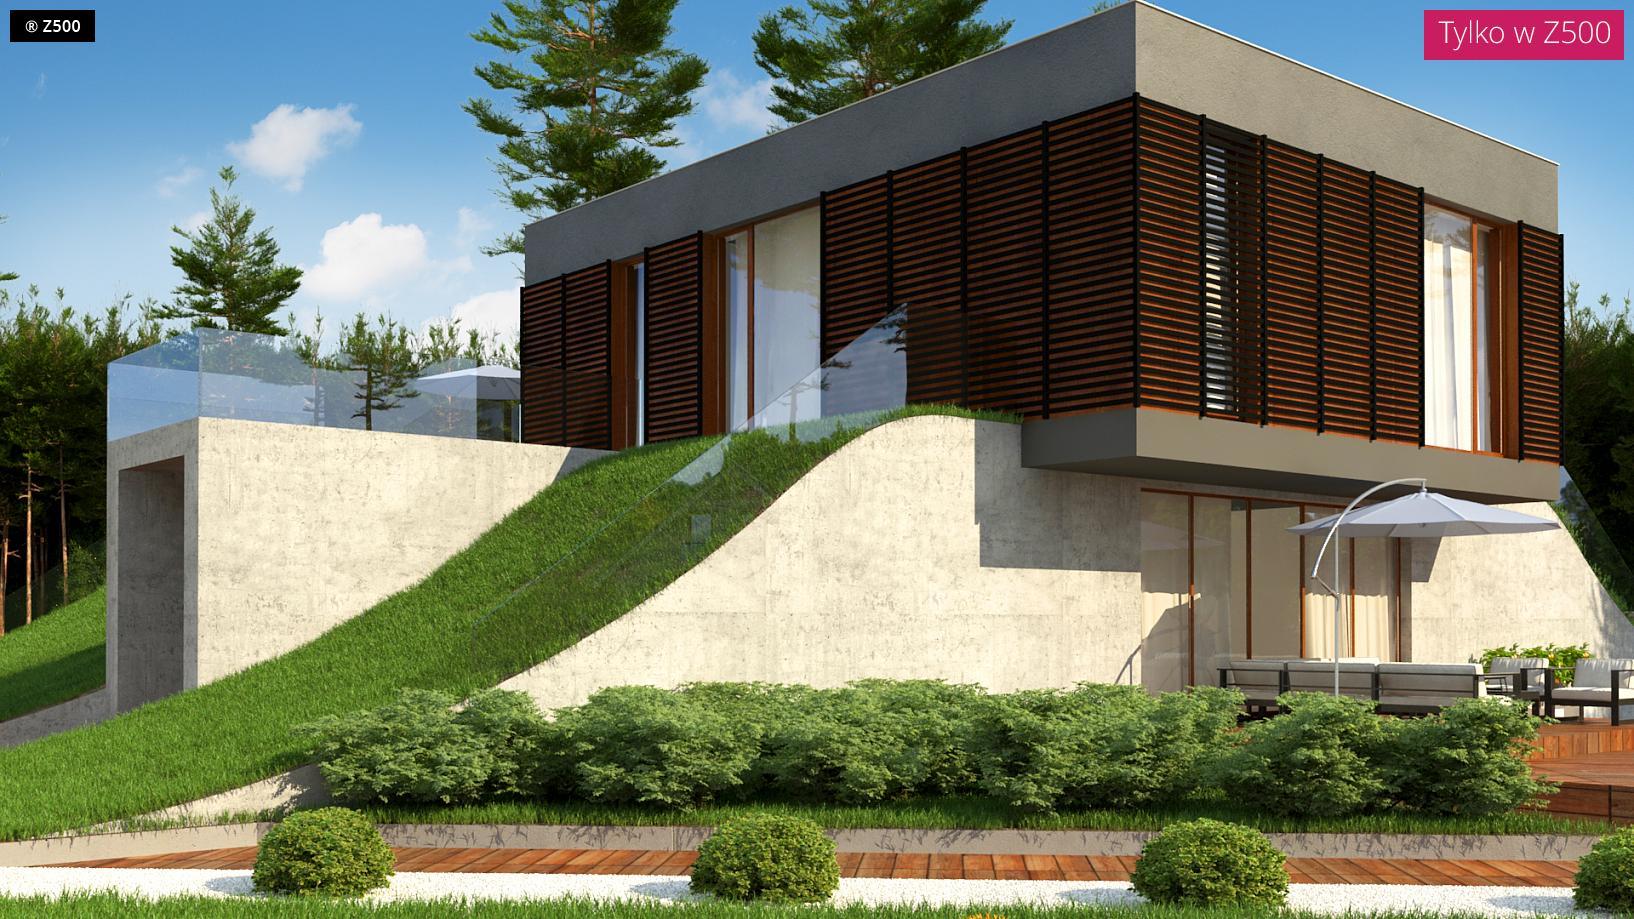 Proyectosdecasas dise amos y construimos casas en toda - Casas ecologicas espana ...